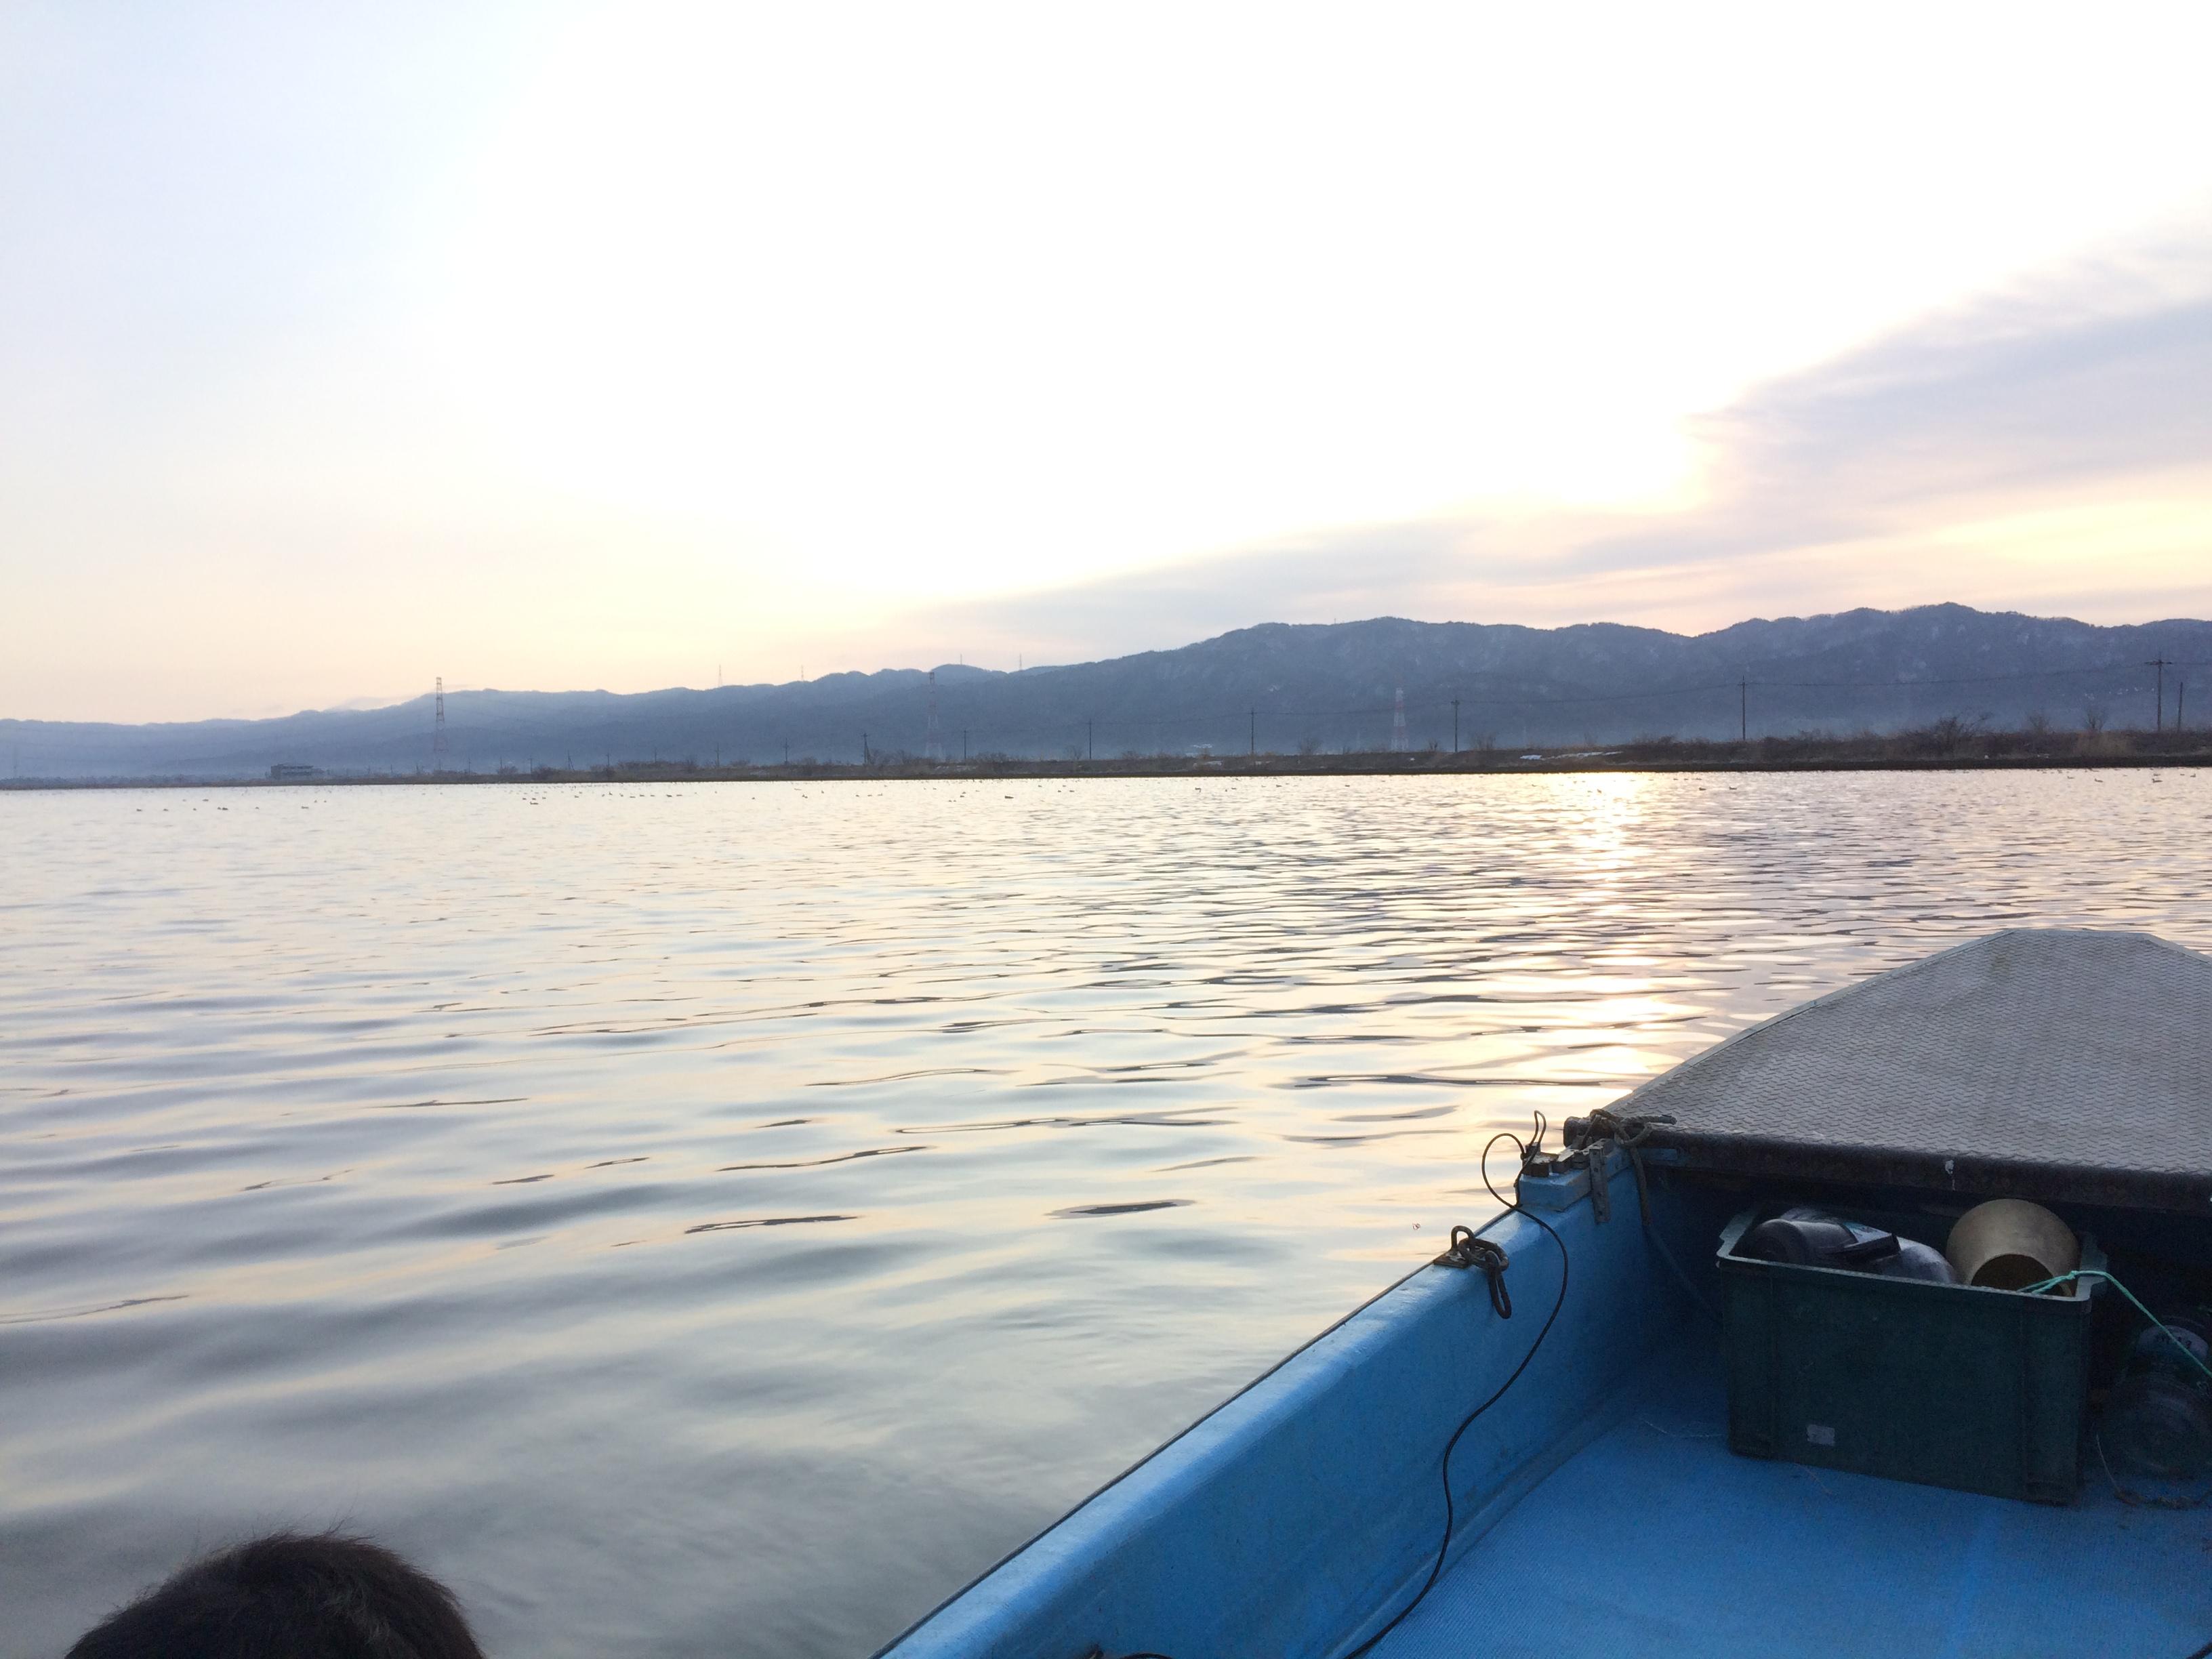 【報告】邑知潟の漁業組合員になりました